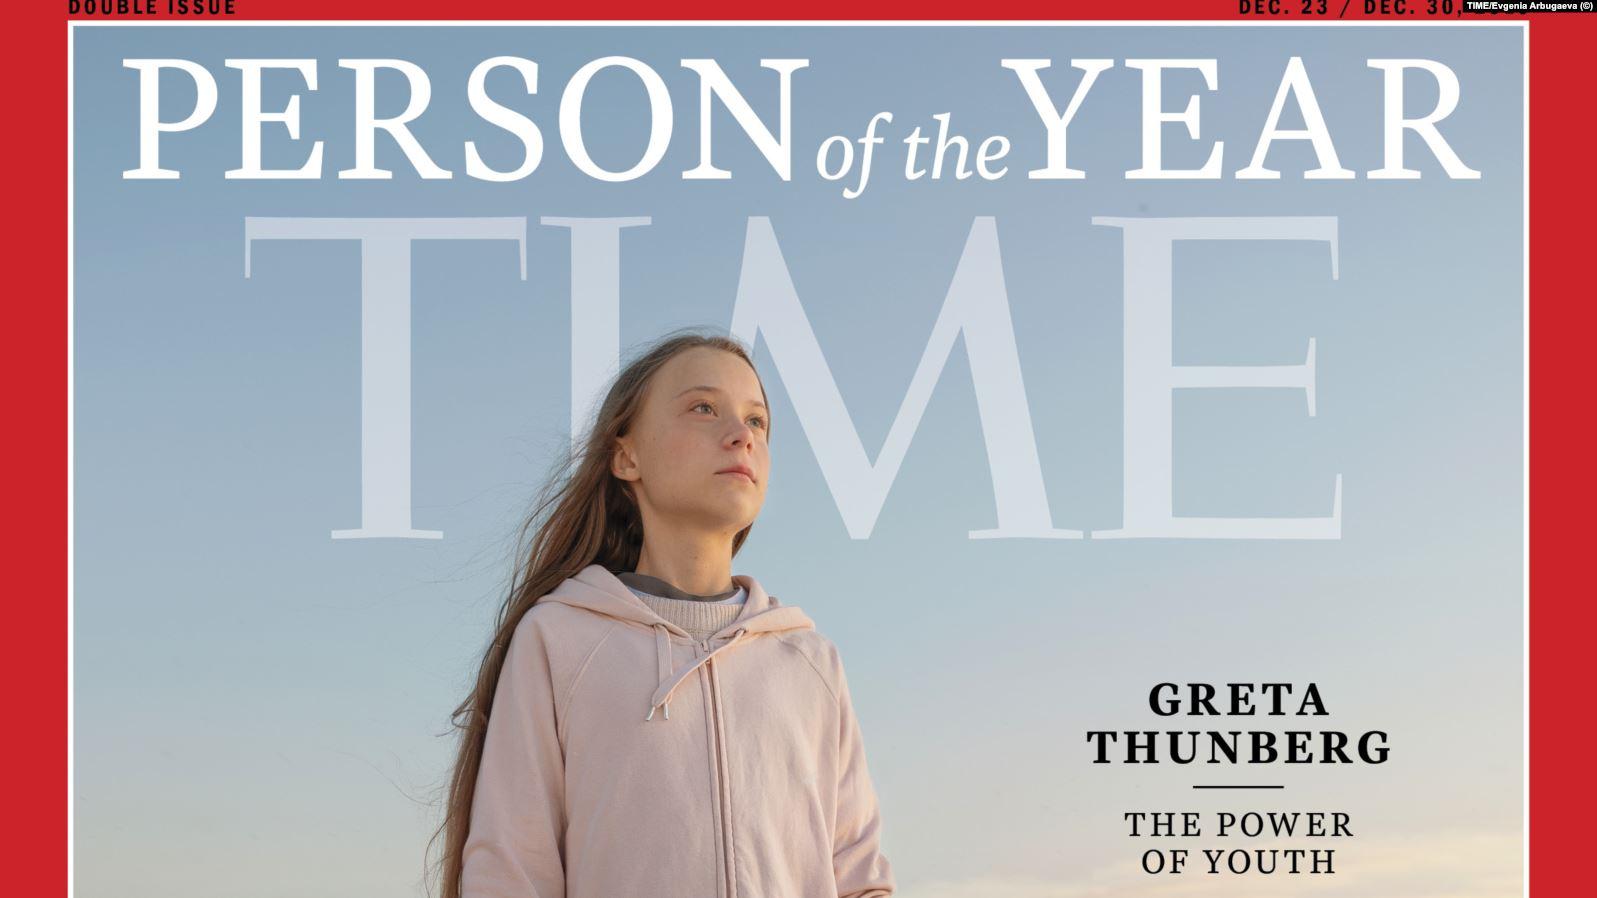 Revista Time shpall Greta Thunberg person të vitit